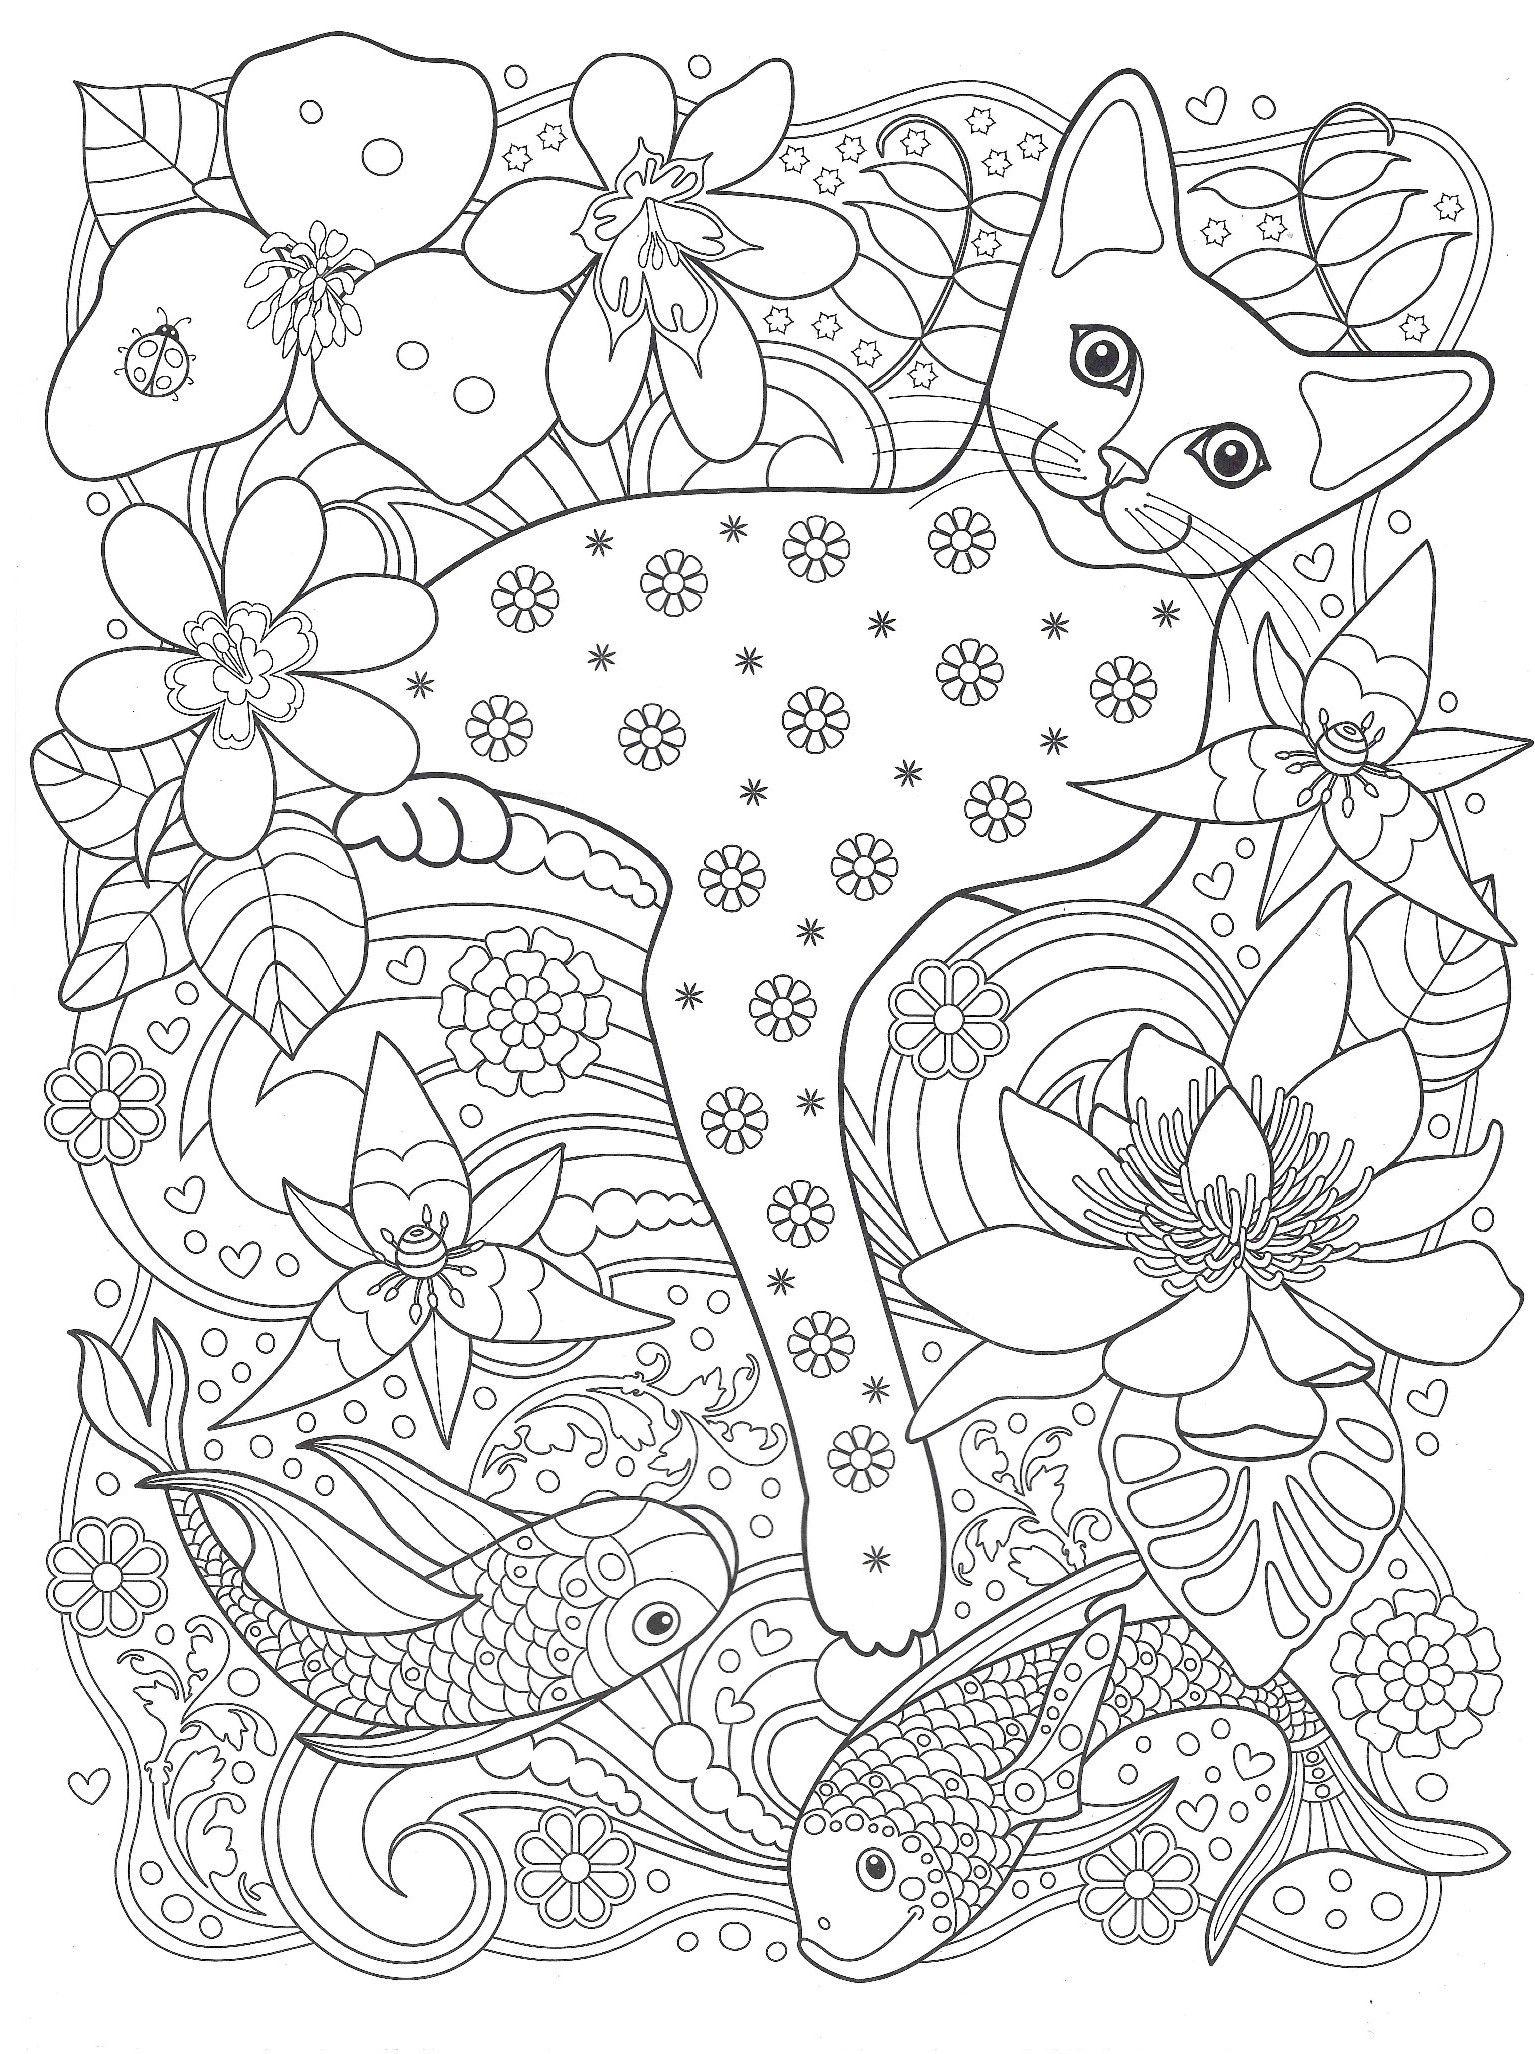 Раскраска антистресс коты в цвете